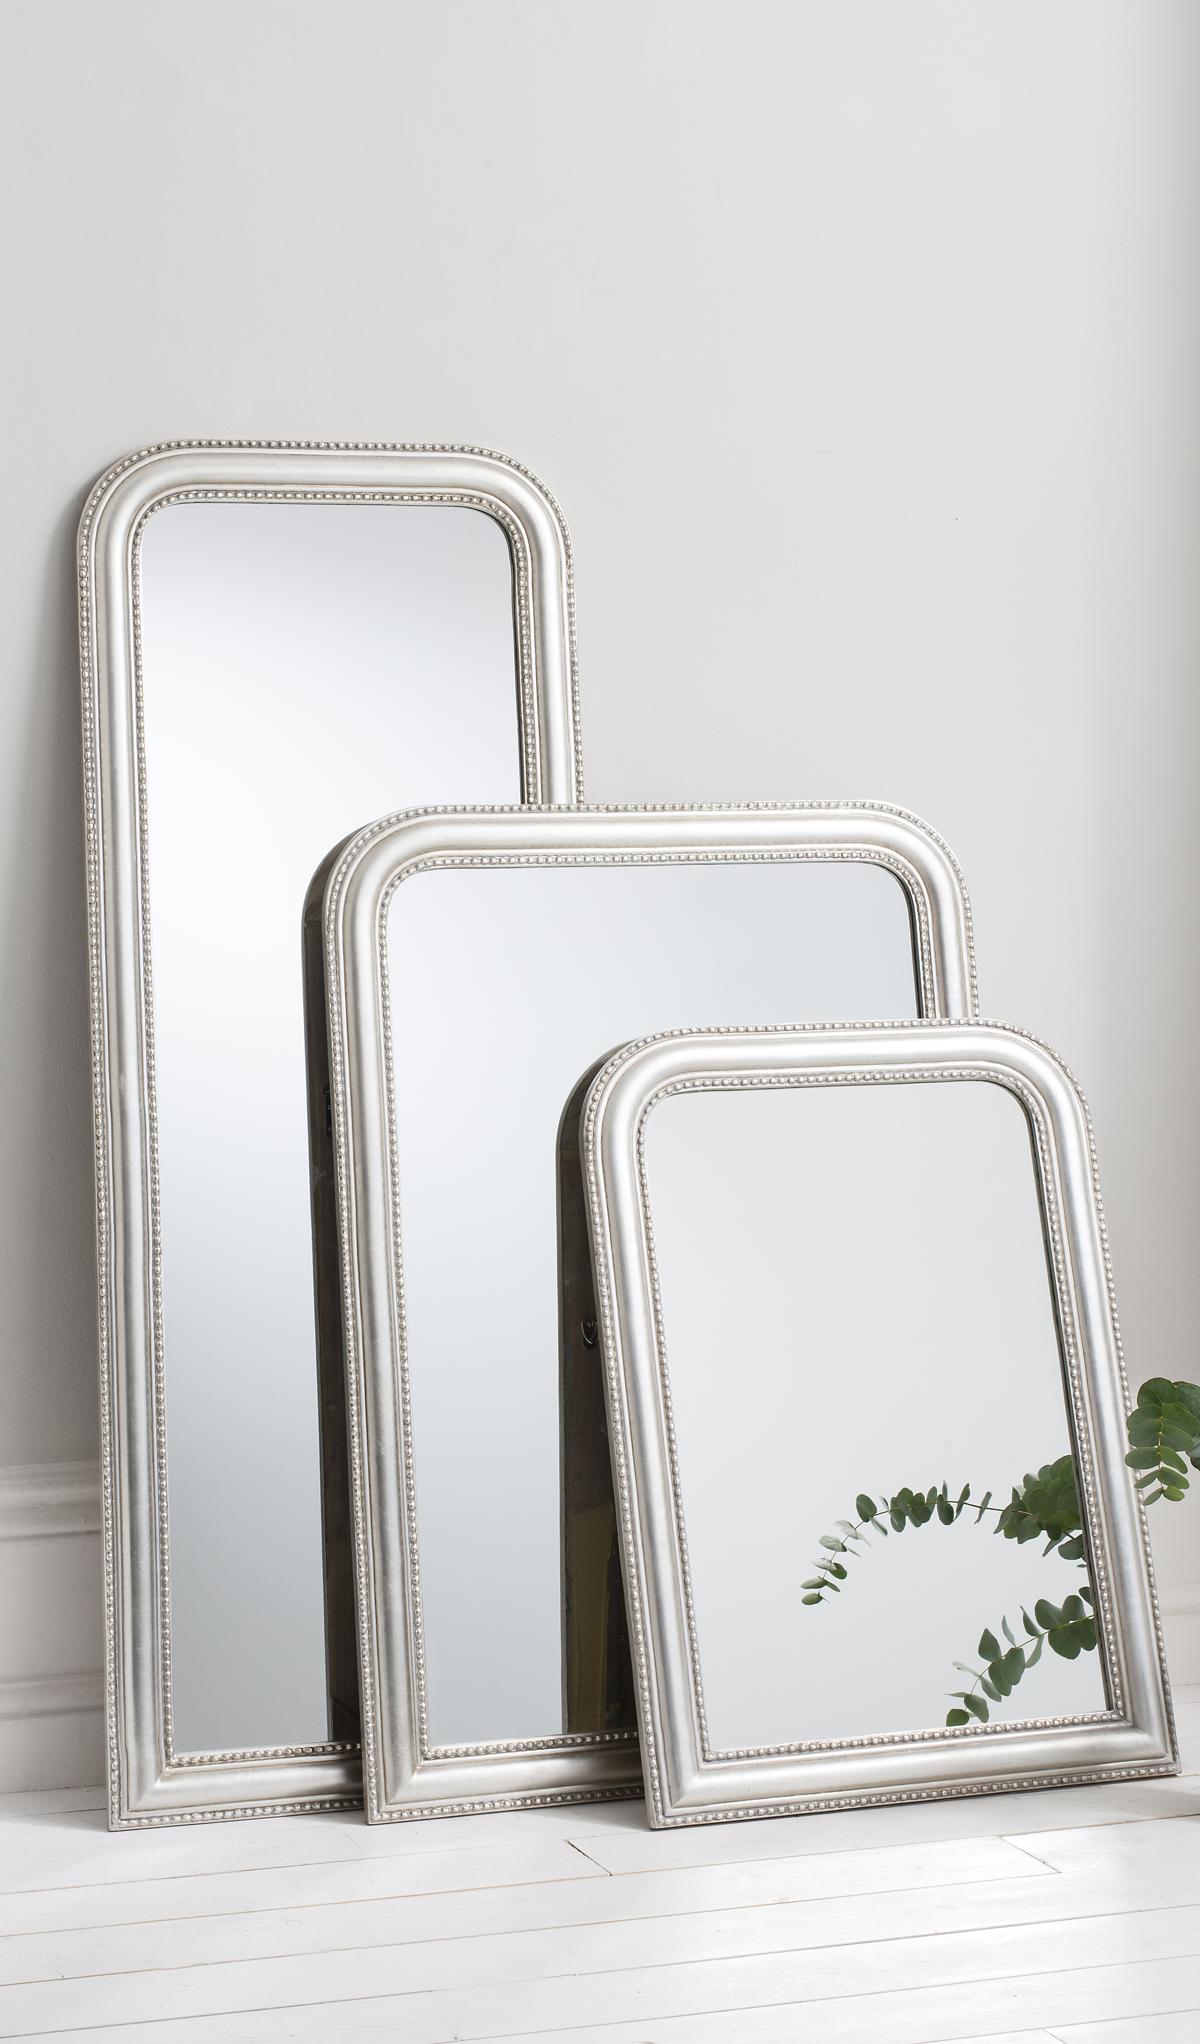 gro er spiegel aus holz mit silberem oder goldenem rahmen trend metall pinterest flure. Black Bedroom Furniture Sets. Home Design Ideas